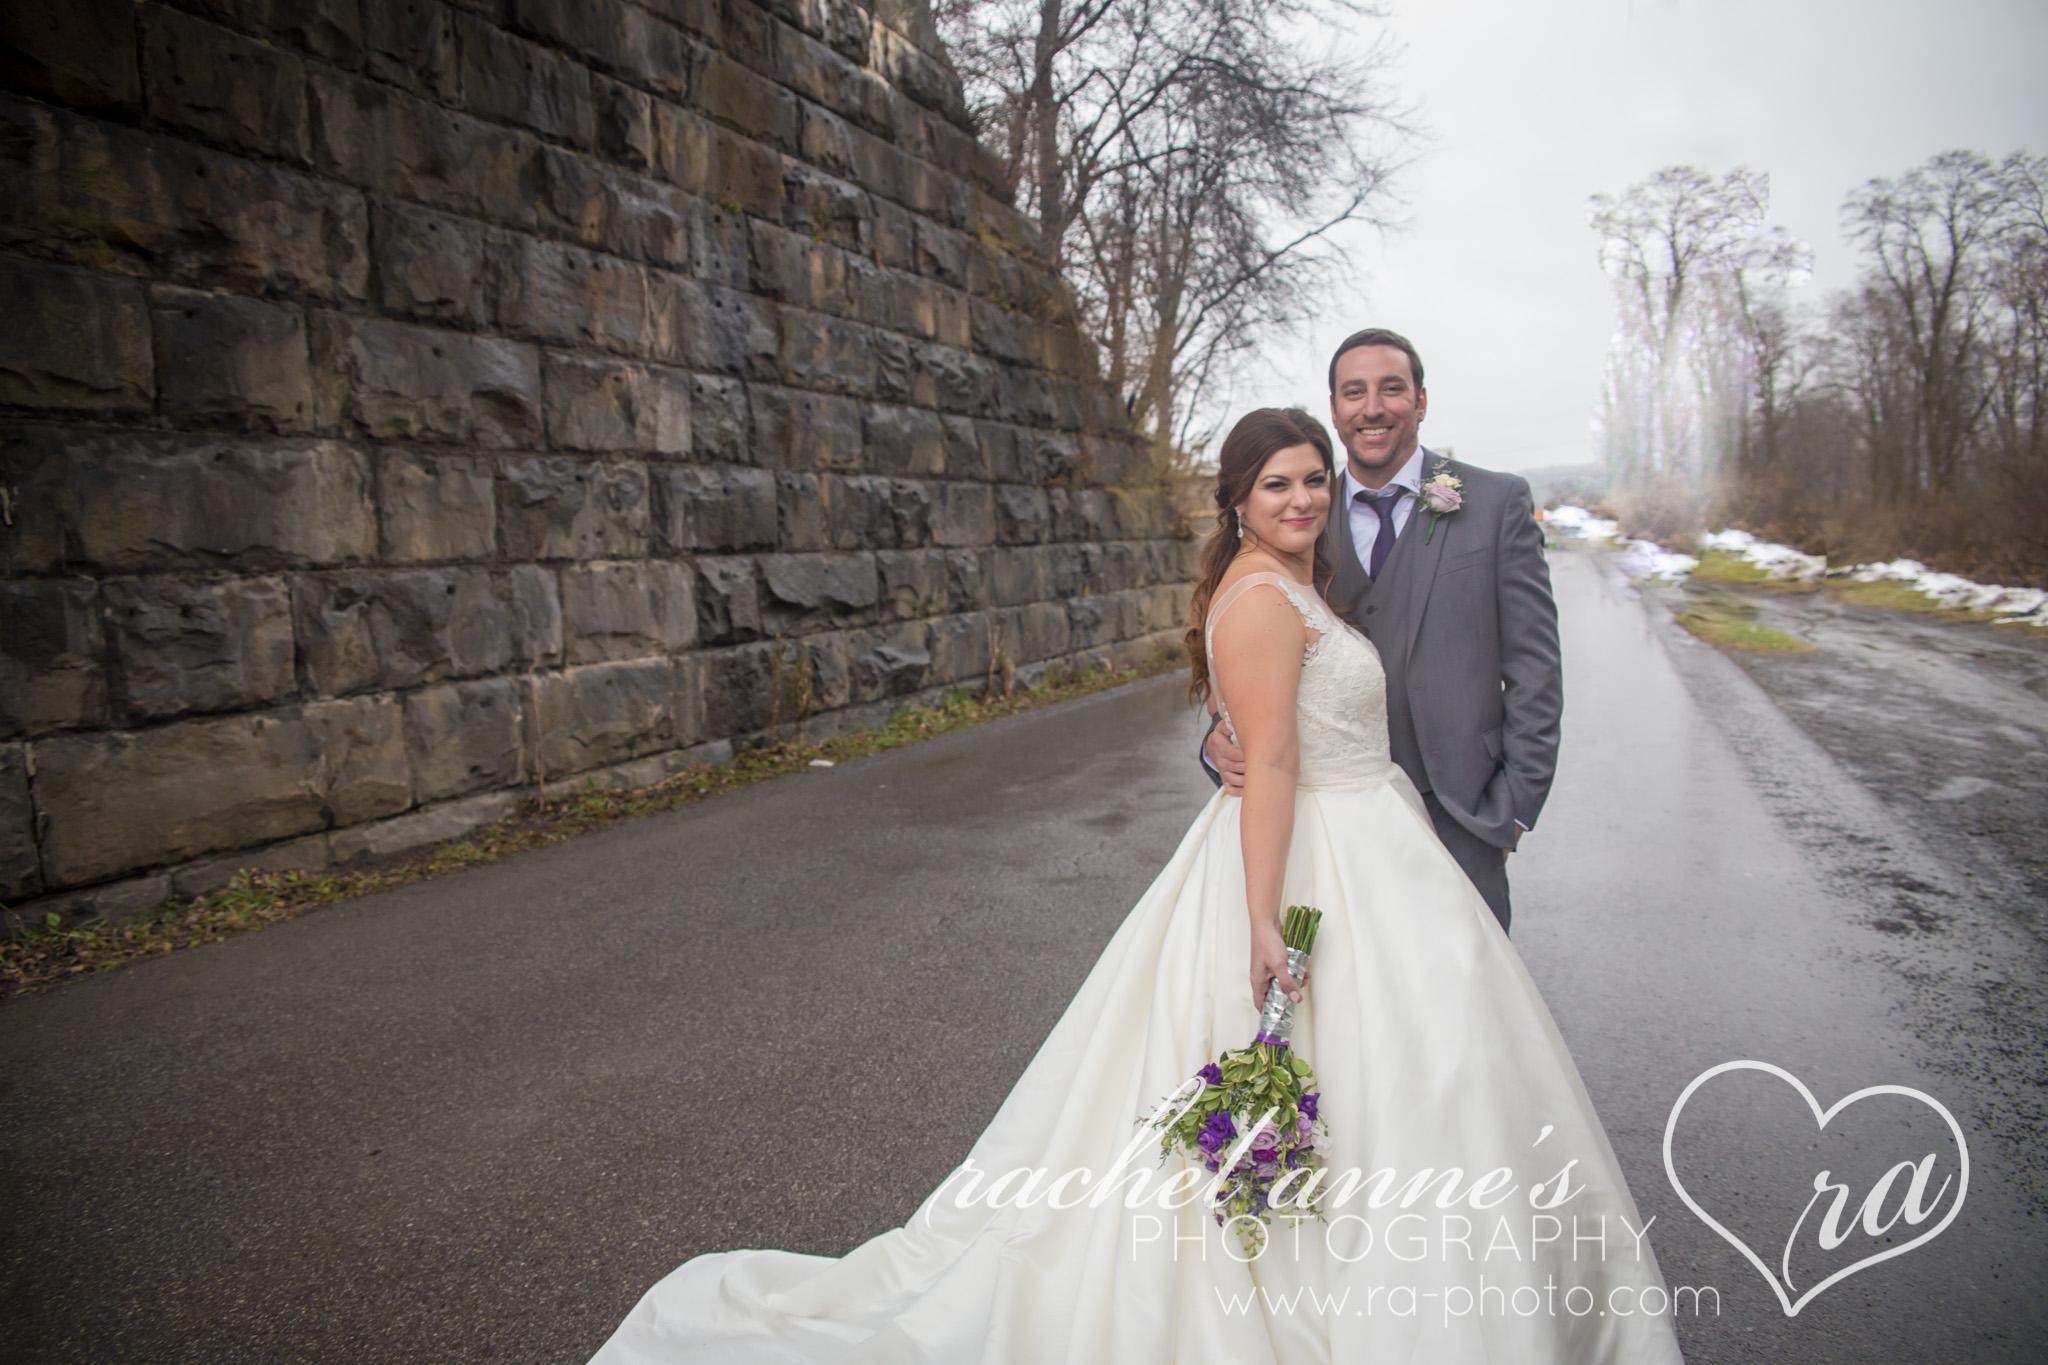 062-CAP-CURWENSVILLE-PA-TREASURE-LAKEVIEW-LODGE-WEDDINGS.jpg